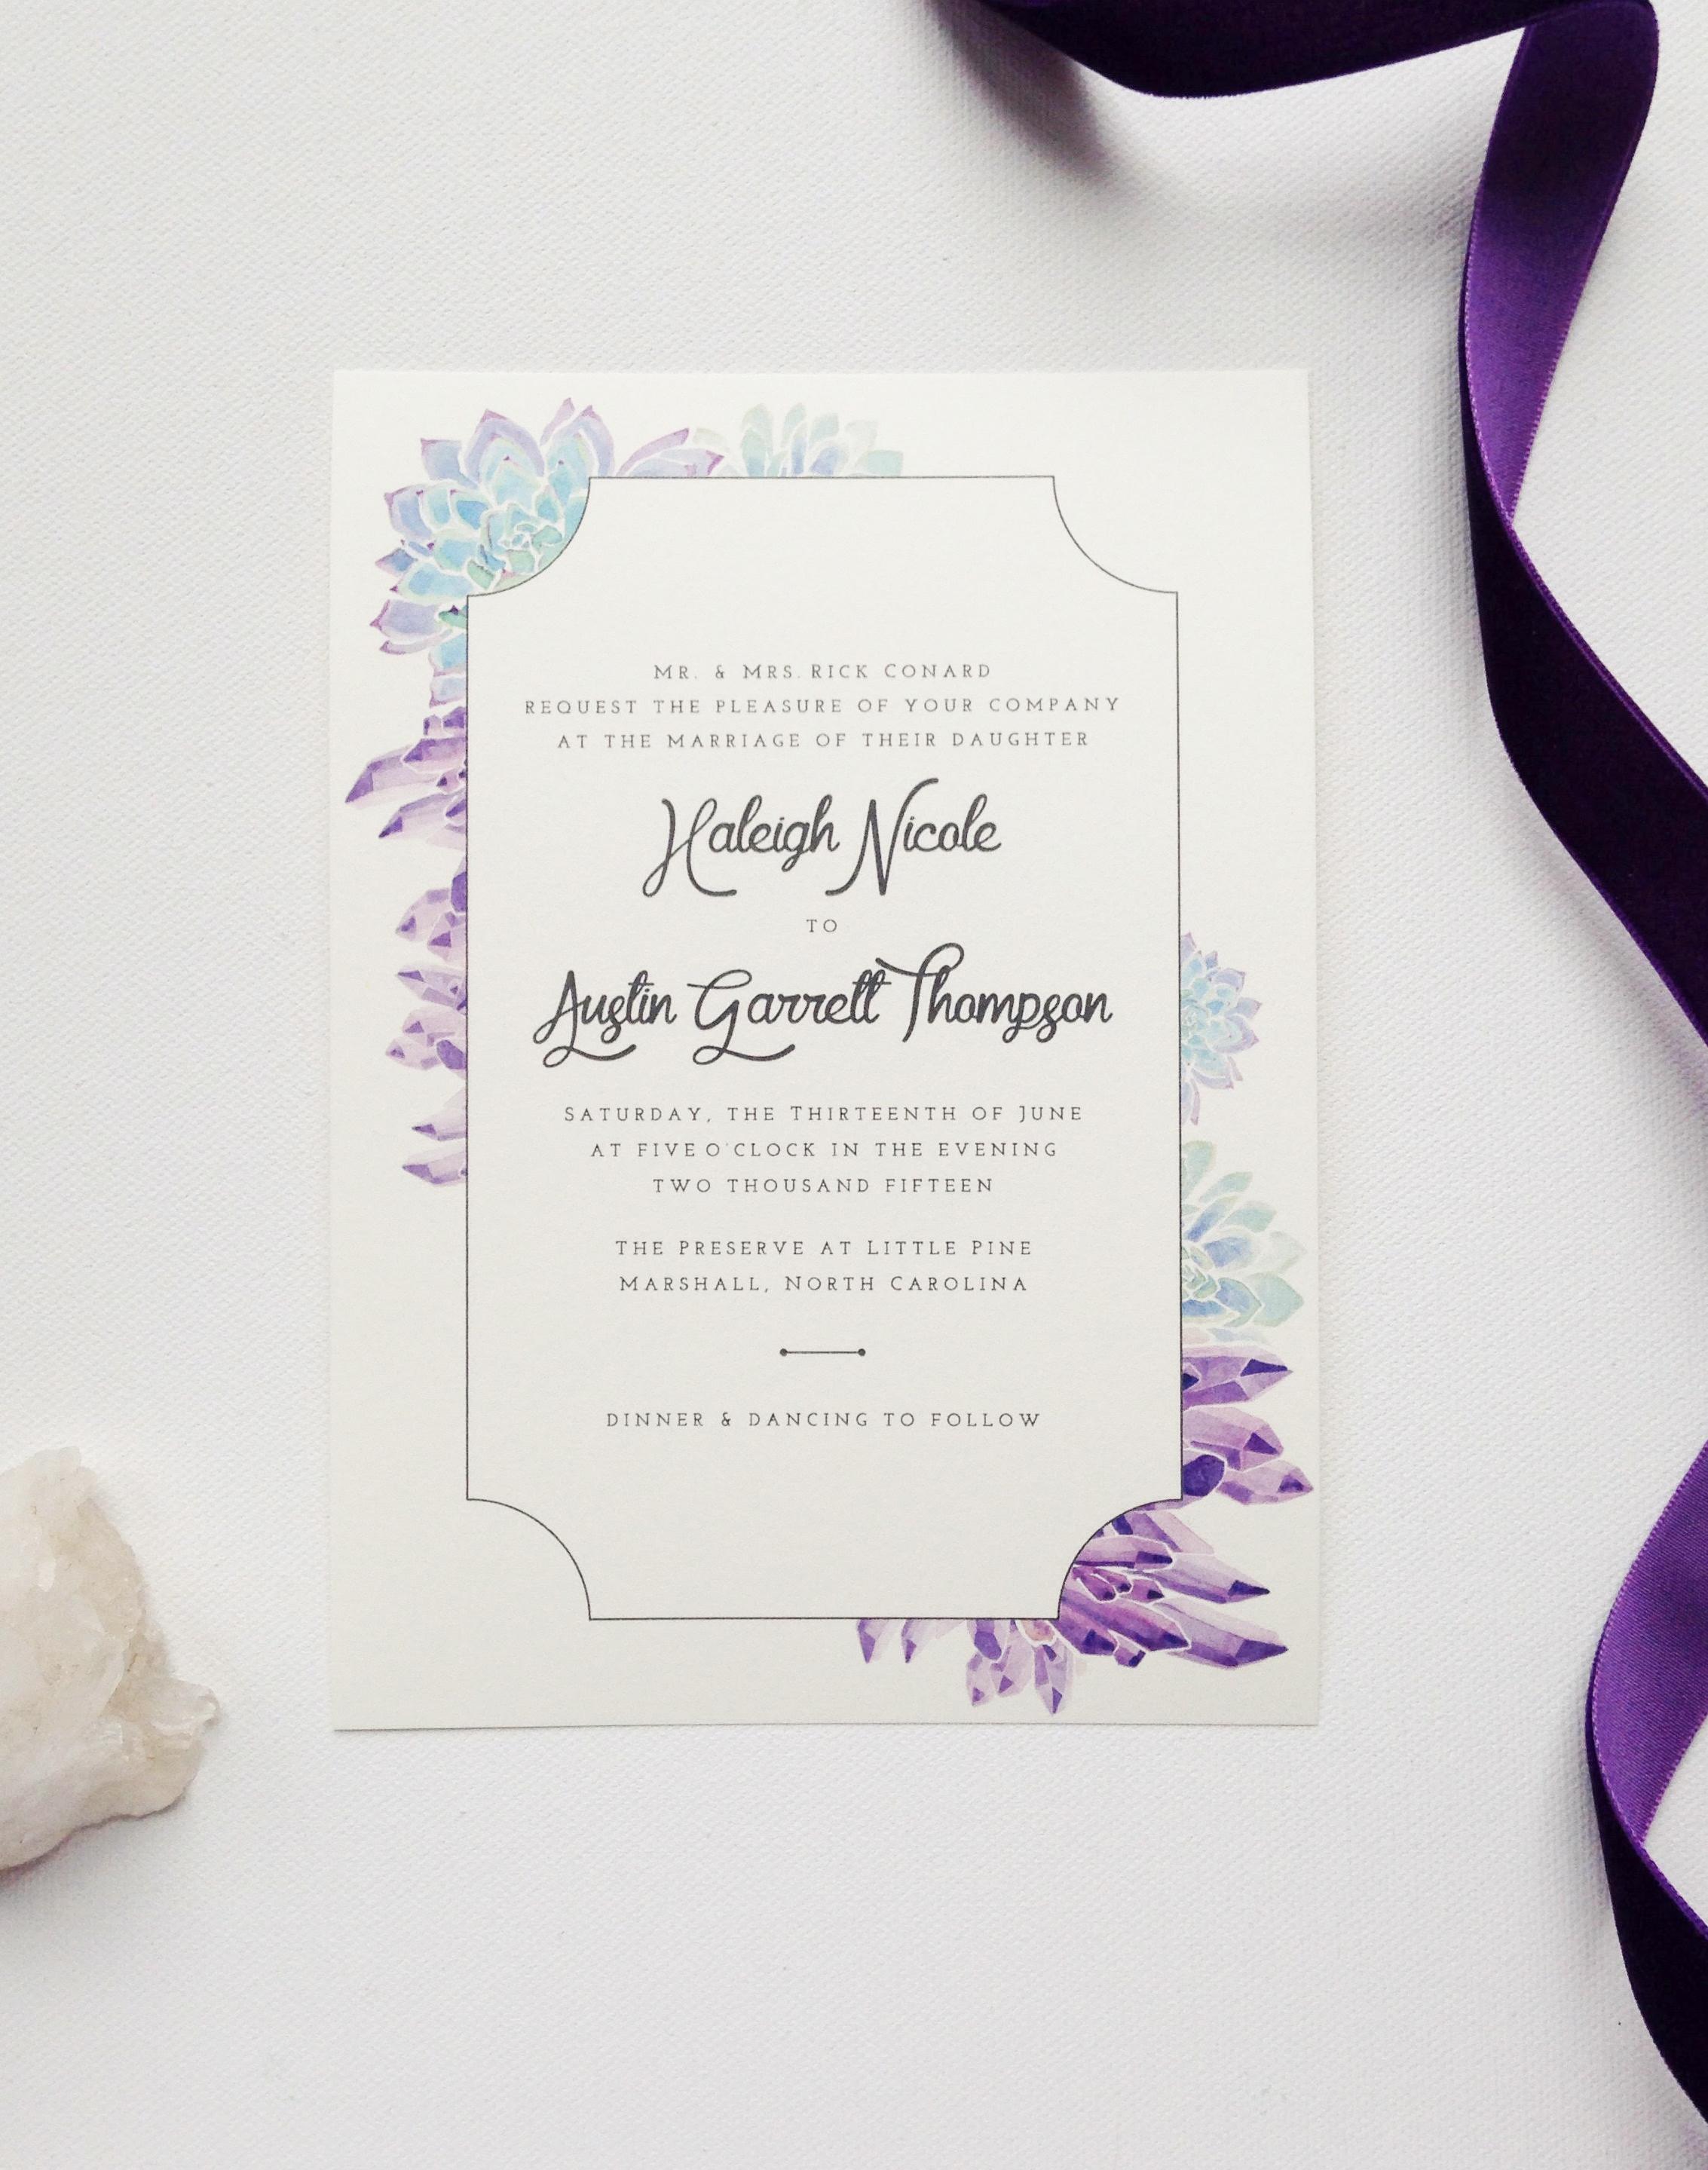 succulent wedding invitations succulent wedding invitations watercolor amethyst and succulent wedding invitation by sable and gray paper co